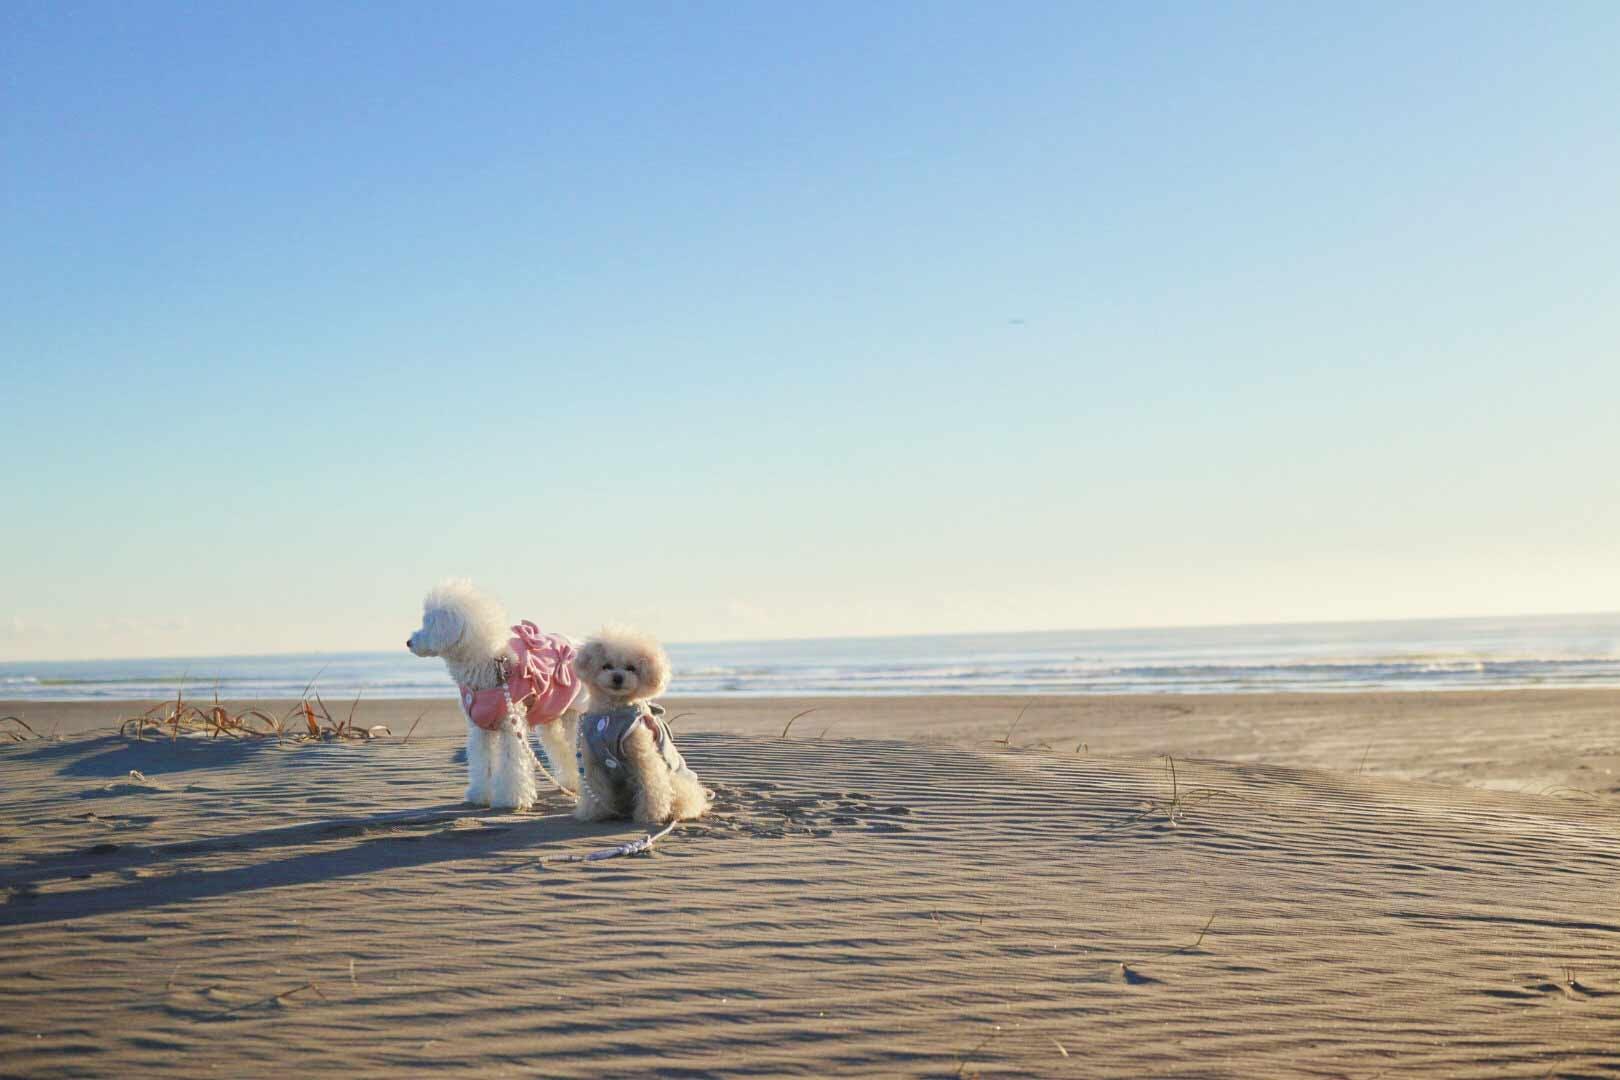 【九十九里】愛犬と浜焼きランチやドッグランも!都内から近い海辺で思いっきり愛犬と遊ぼう♪